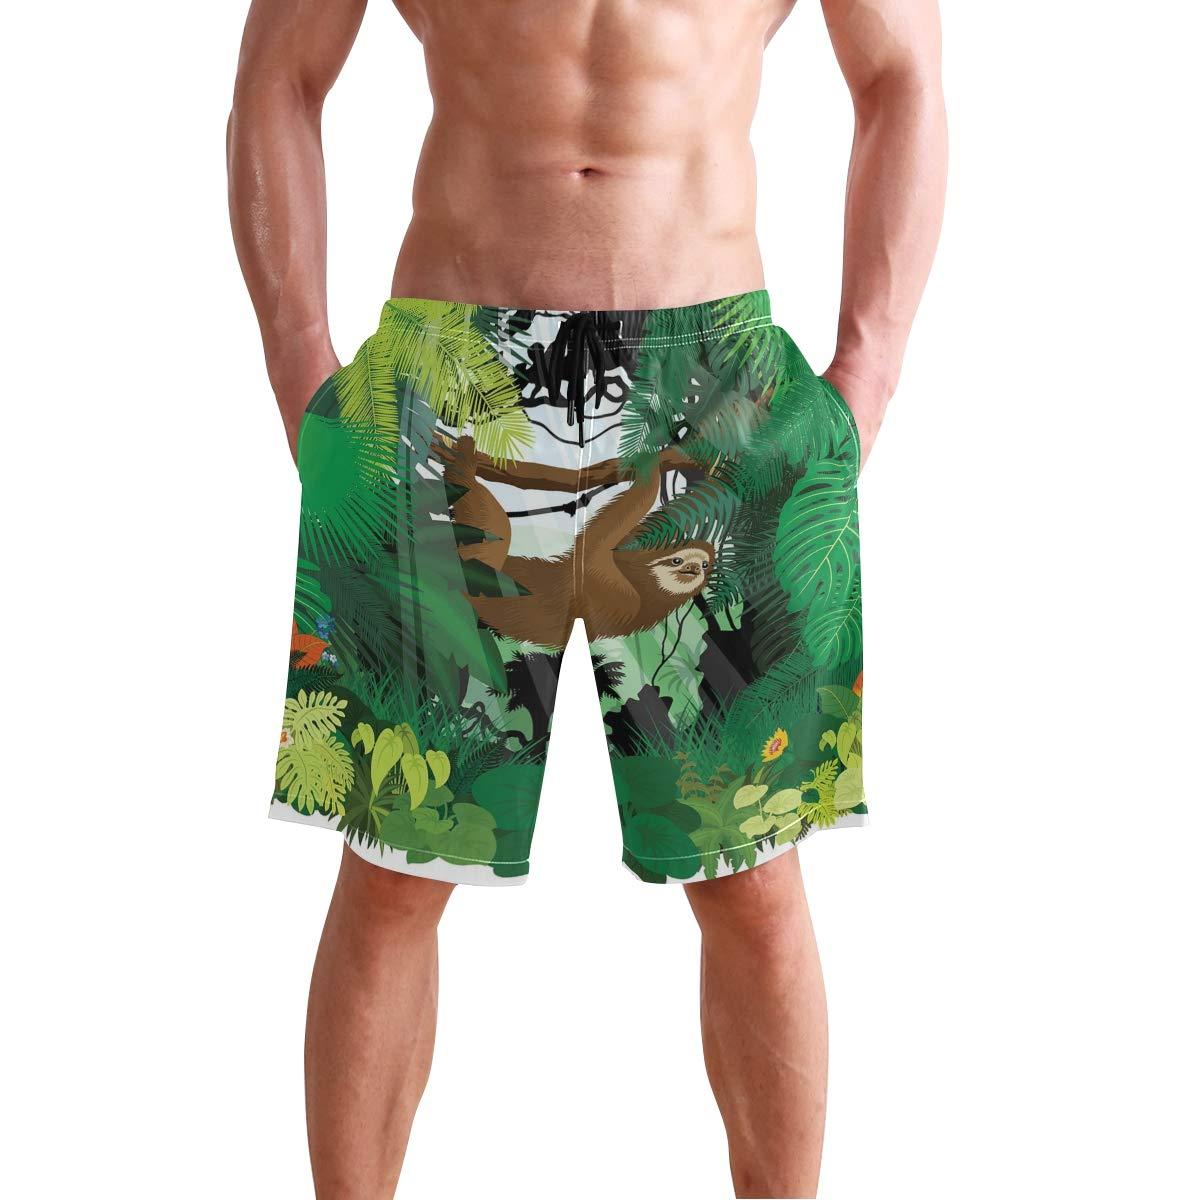 KVMV Vibrant Grid Tile Quick Dry Beach Shorts